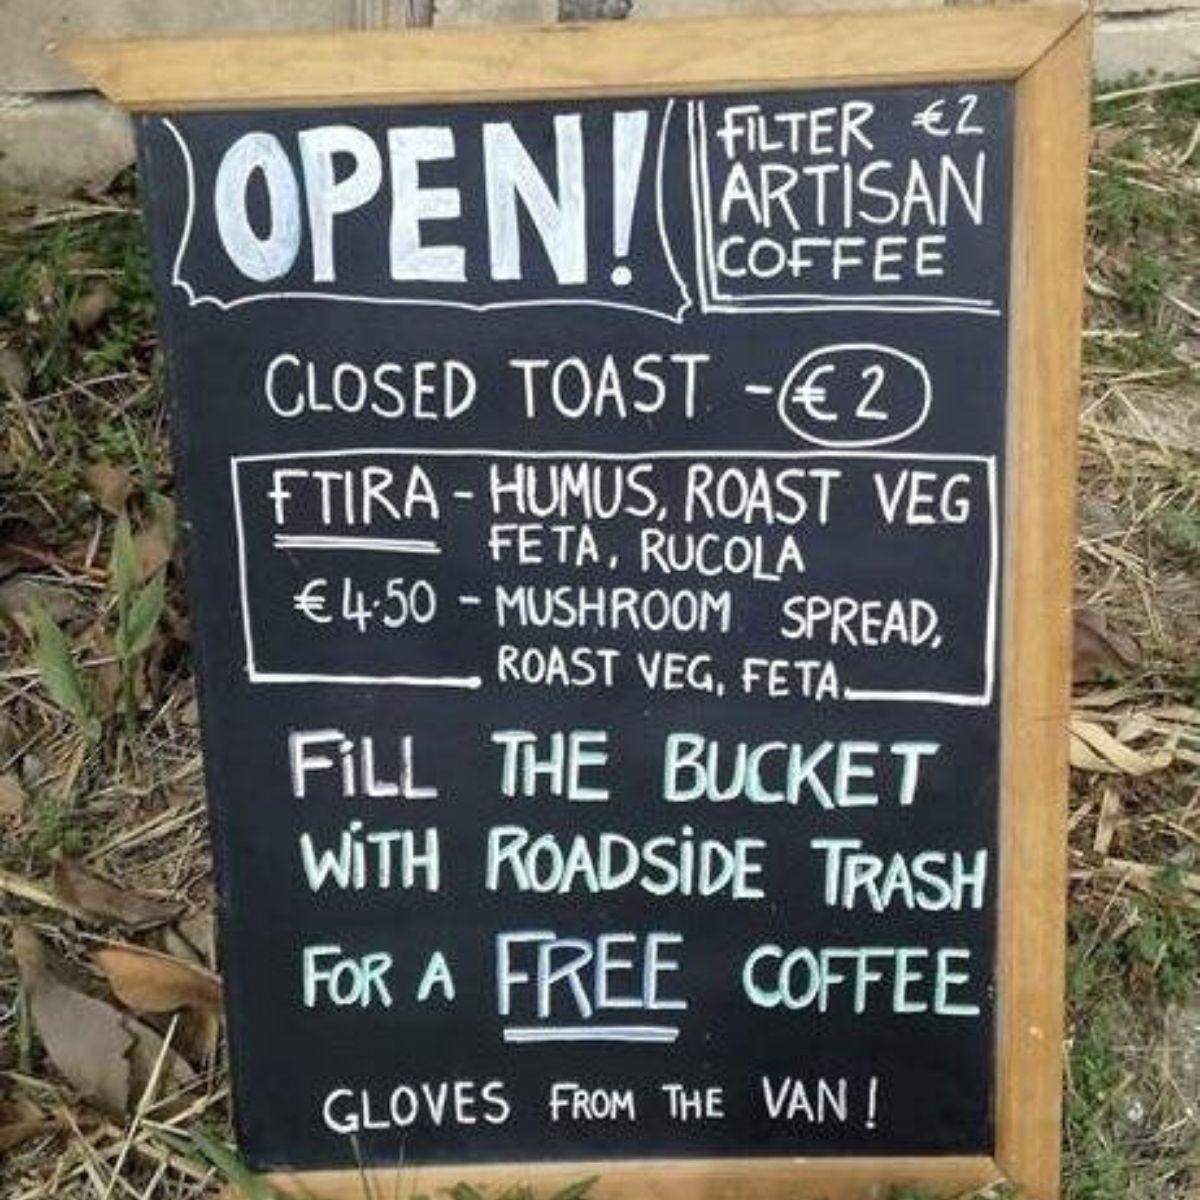 12. Mindenki jól jár<br />Ez a büfé ingyen kávét ad azoknak, akik összeszednek egy vödör szemetet a környéken (és kesztyűt is, hogy a művelet higiénikus legyen).